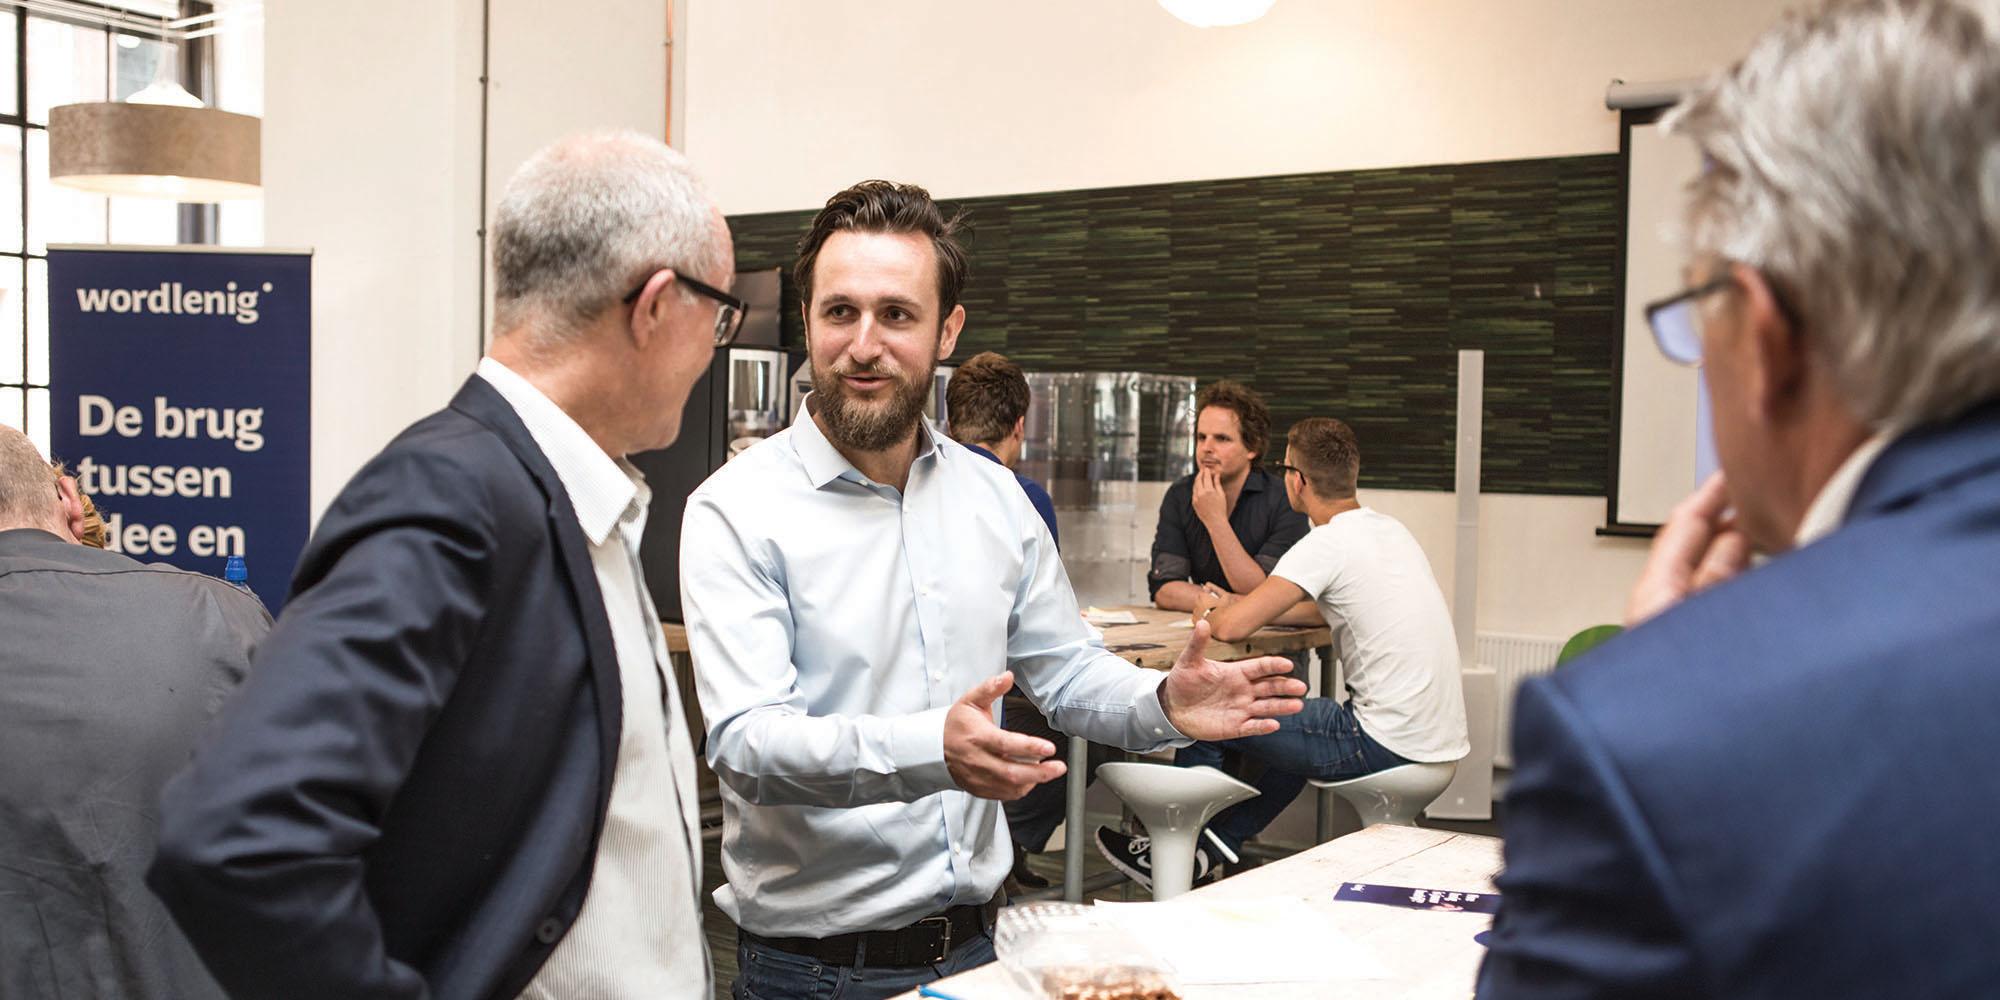 Wordlenig kennispartner bij het innovatieve maakindustrie evenement Techconn